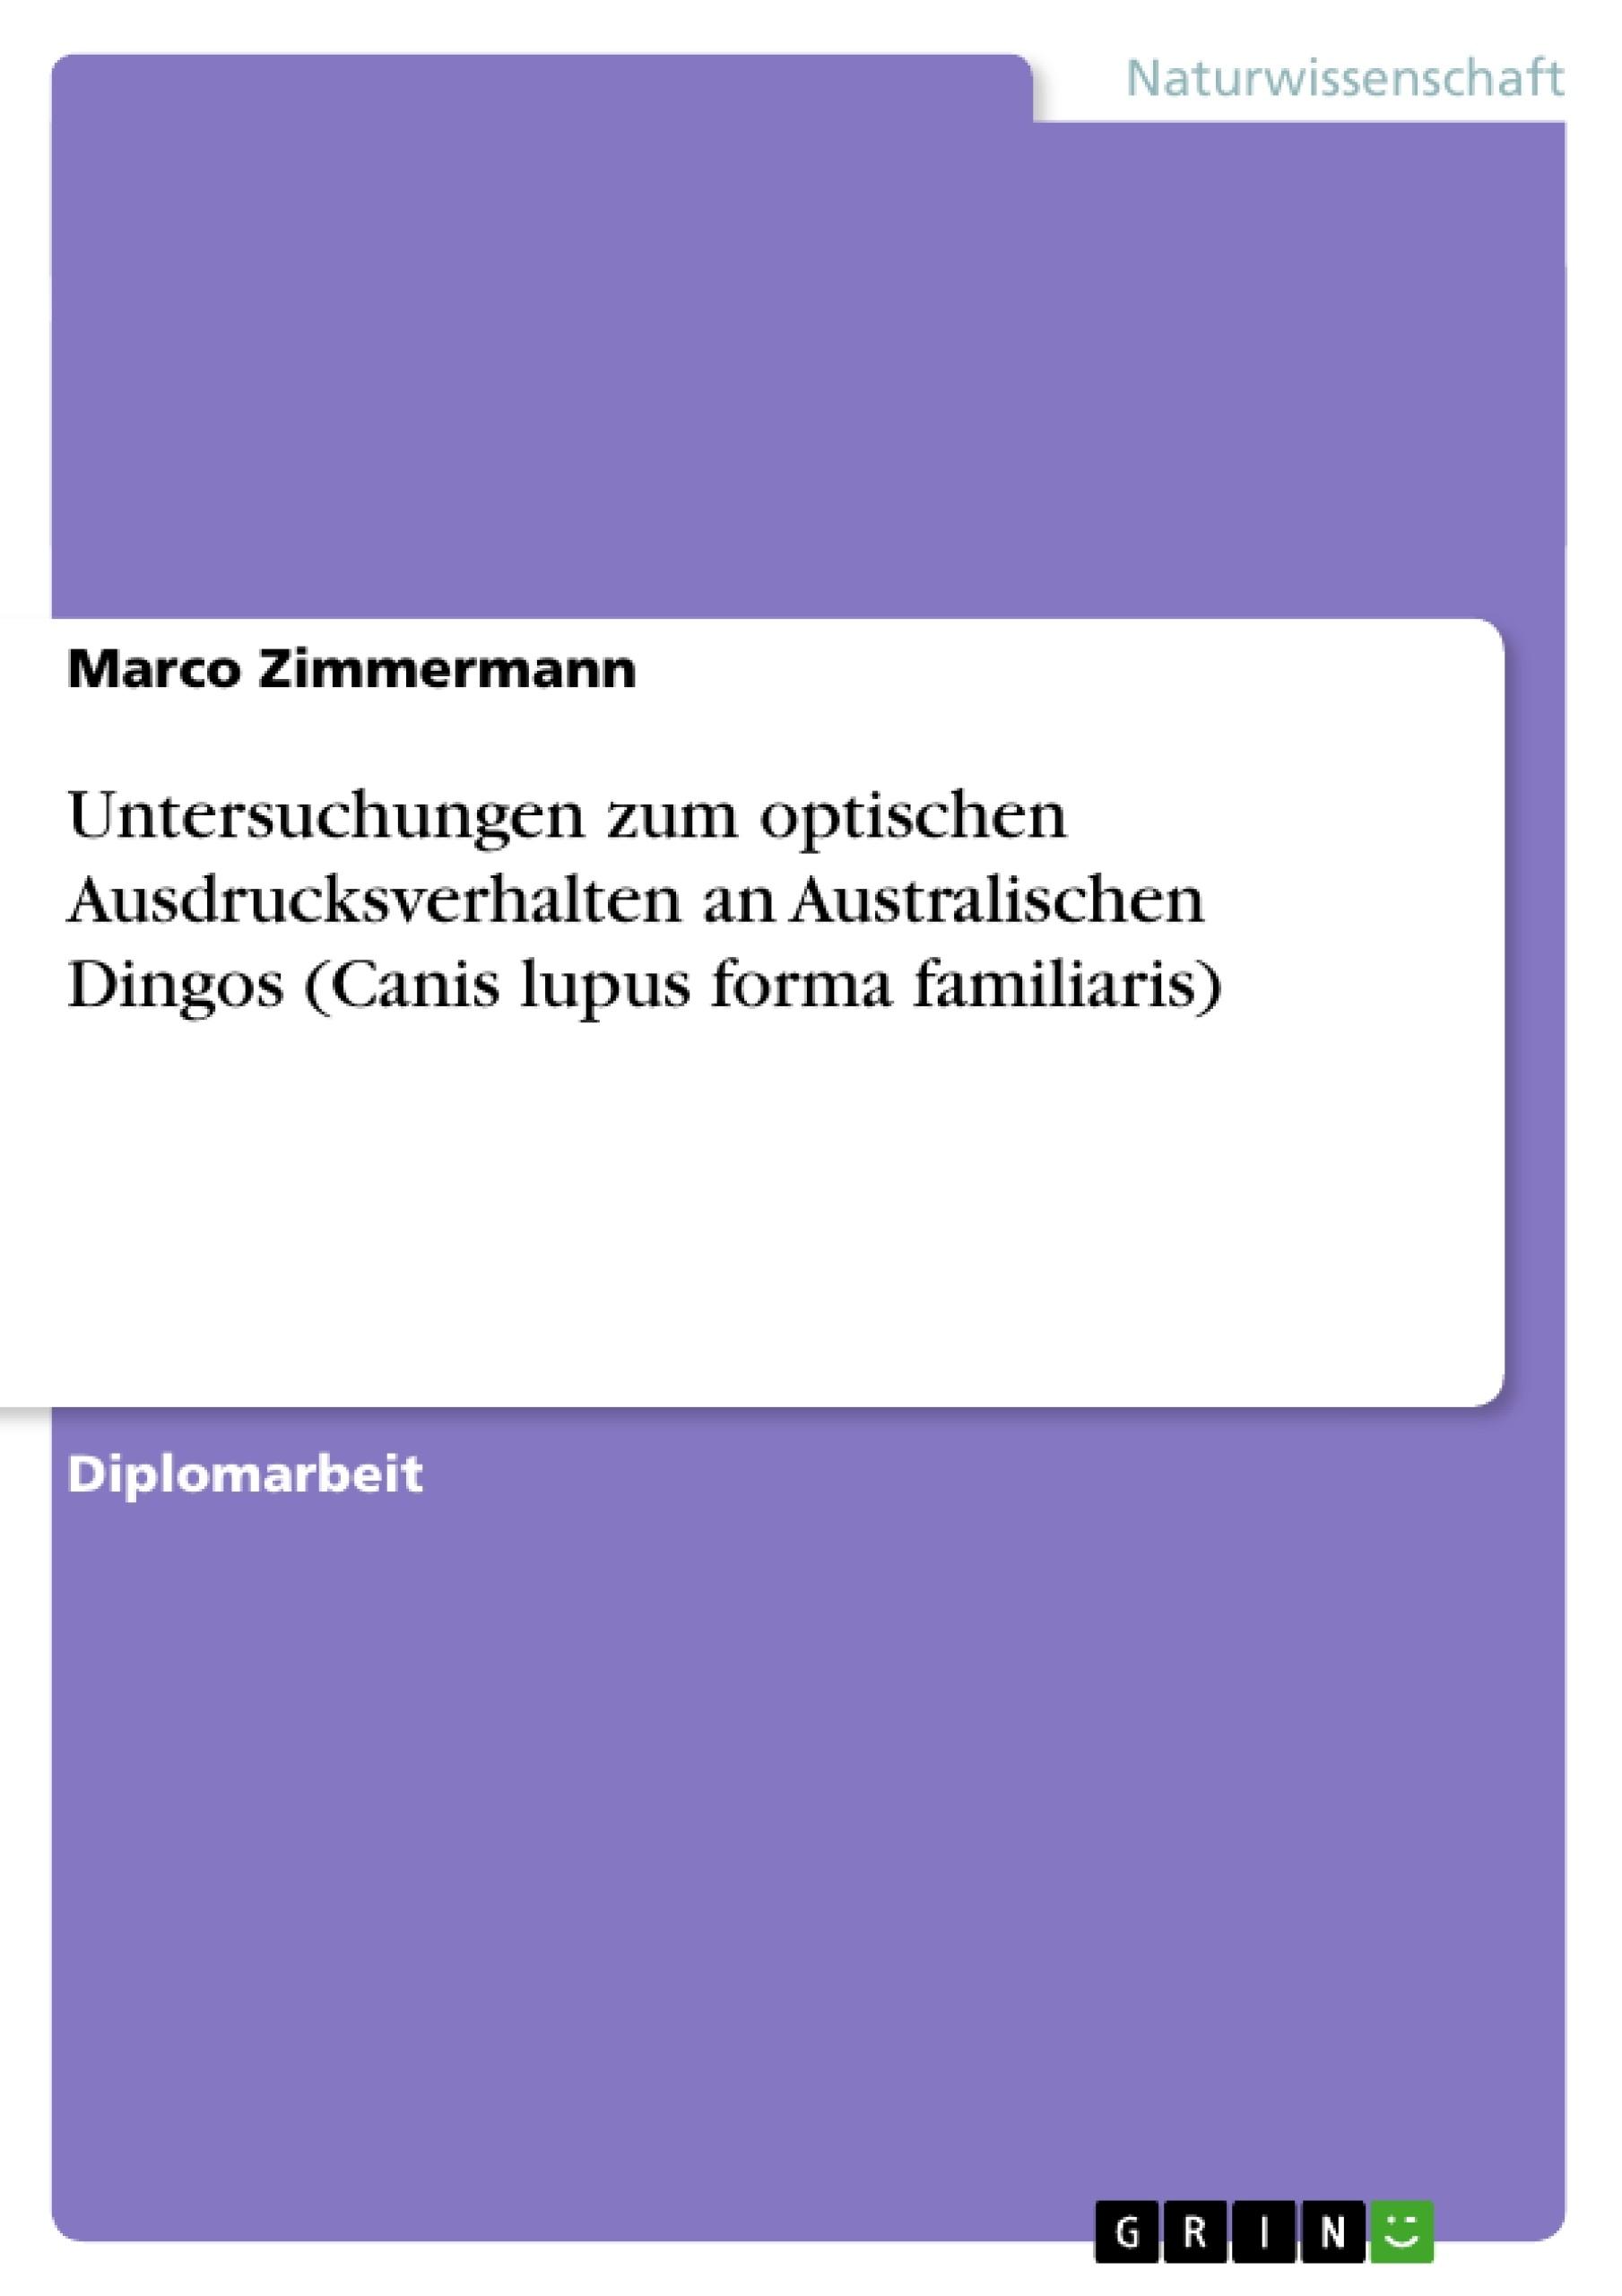 Titel: Untersuchungen zum optischen Ausdrucksverhalten an Australischen Dingos (Canis lupus forma familiaris)